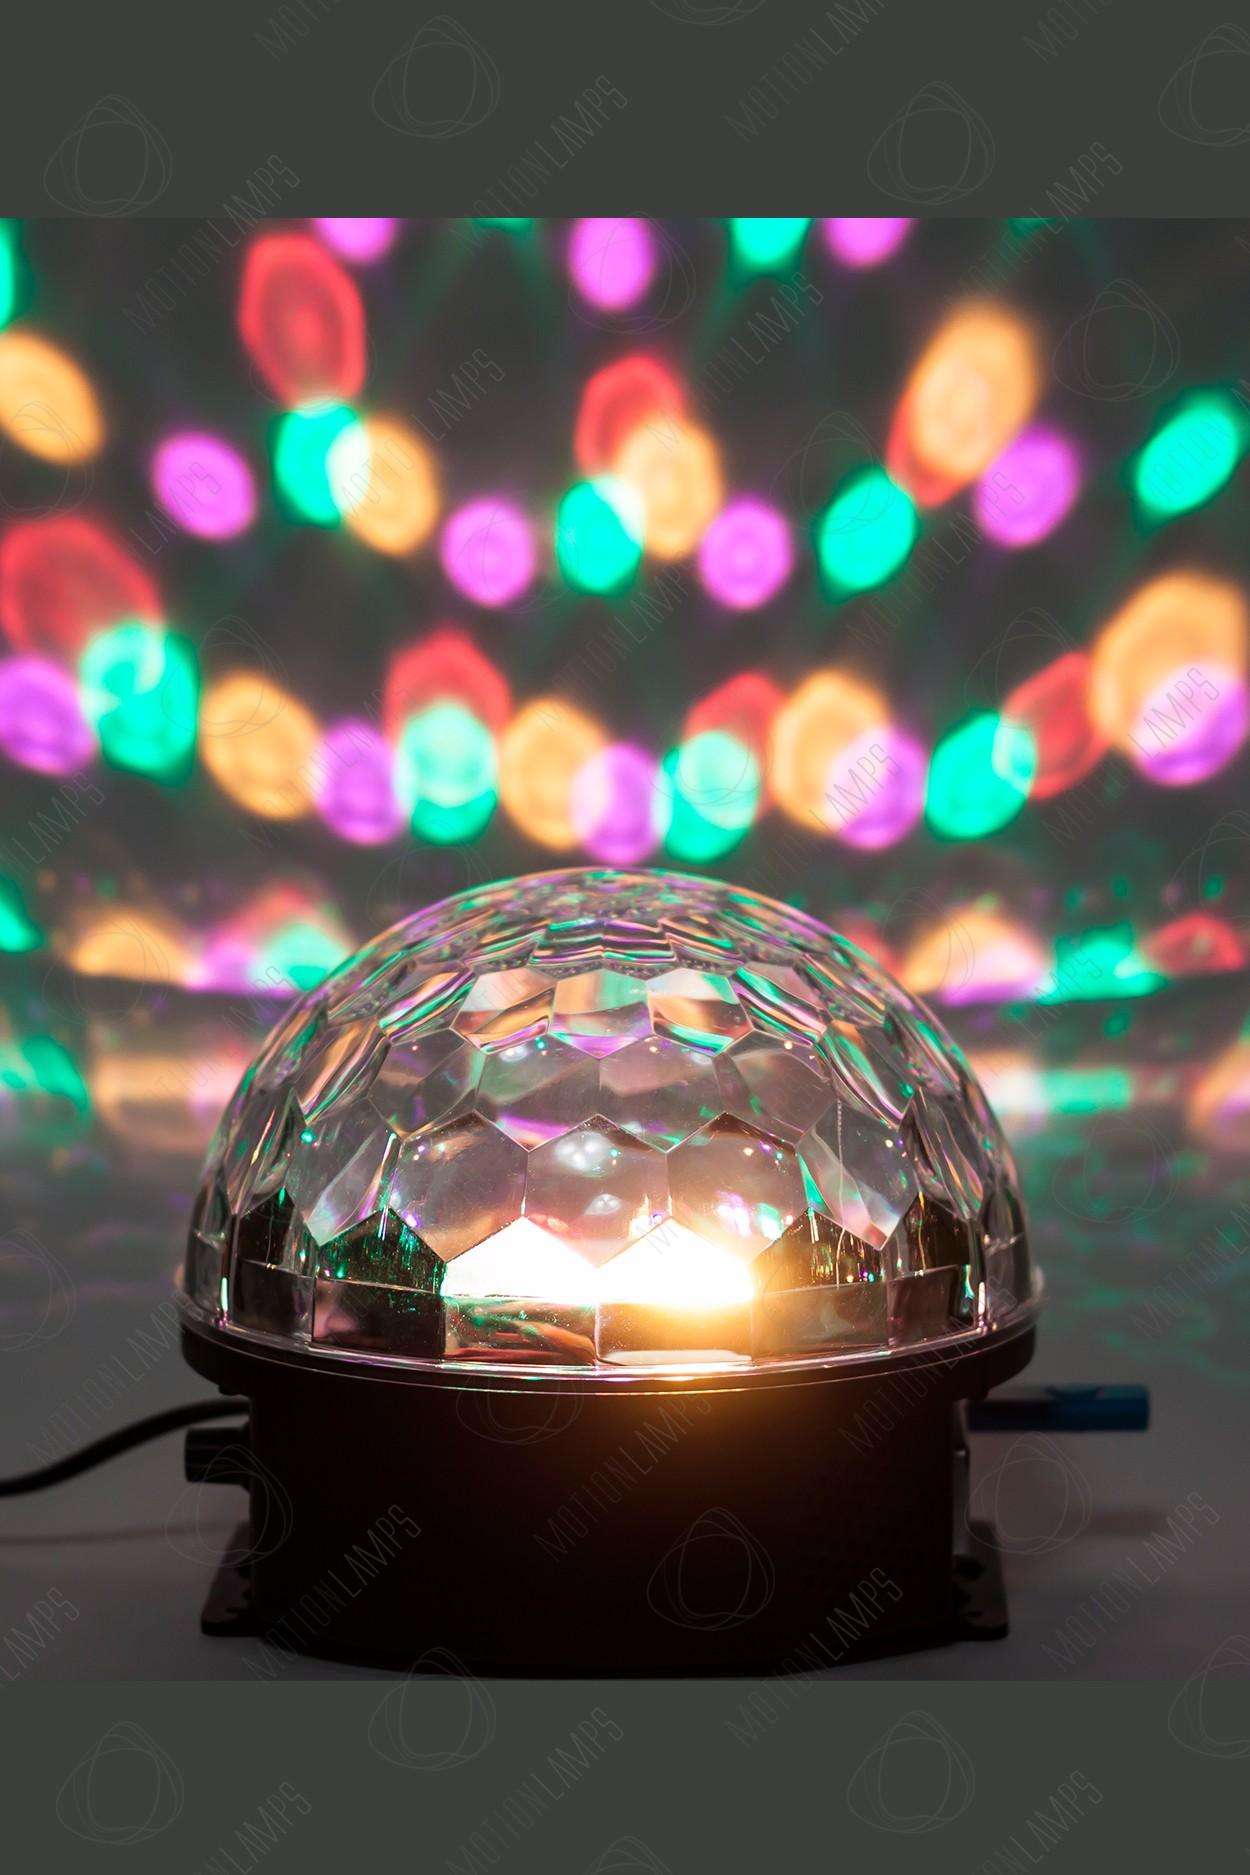 Музыкальный диско-шар LED Magic Ball Light с ДУ (Bluetooth) в Москве